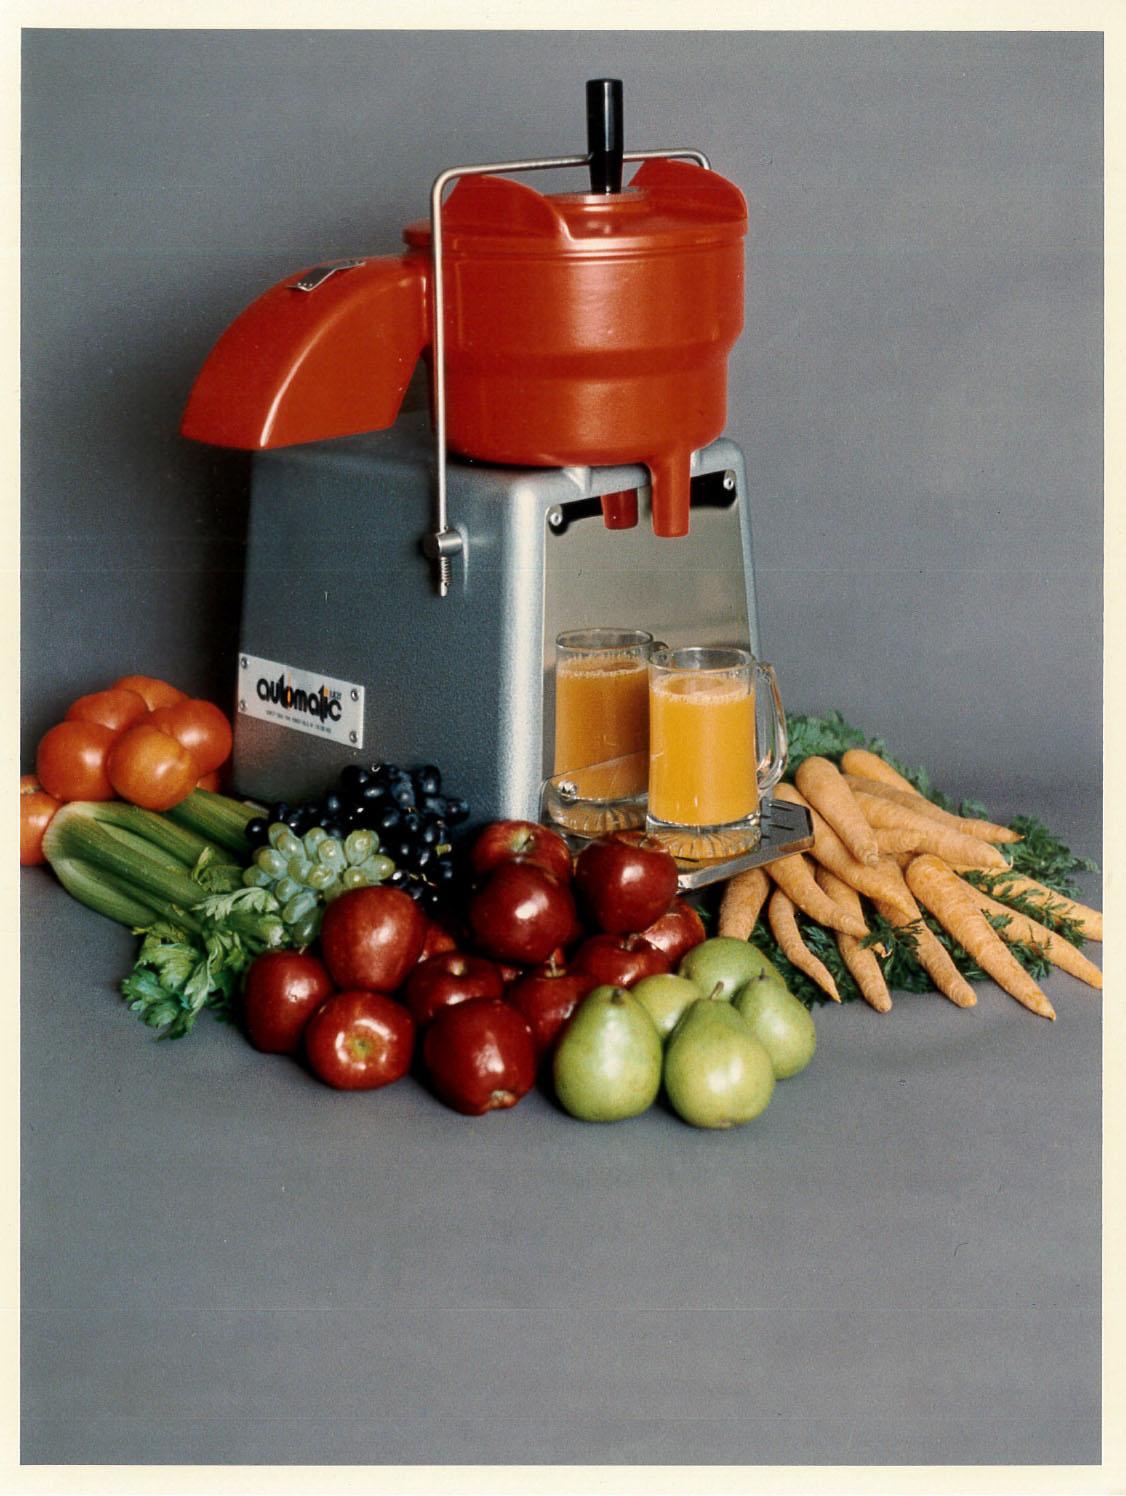 vegetablejuicer.jpg